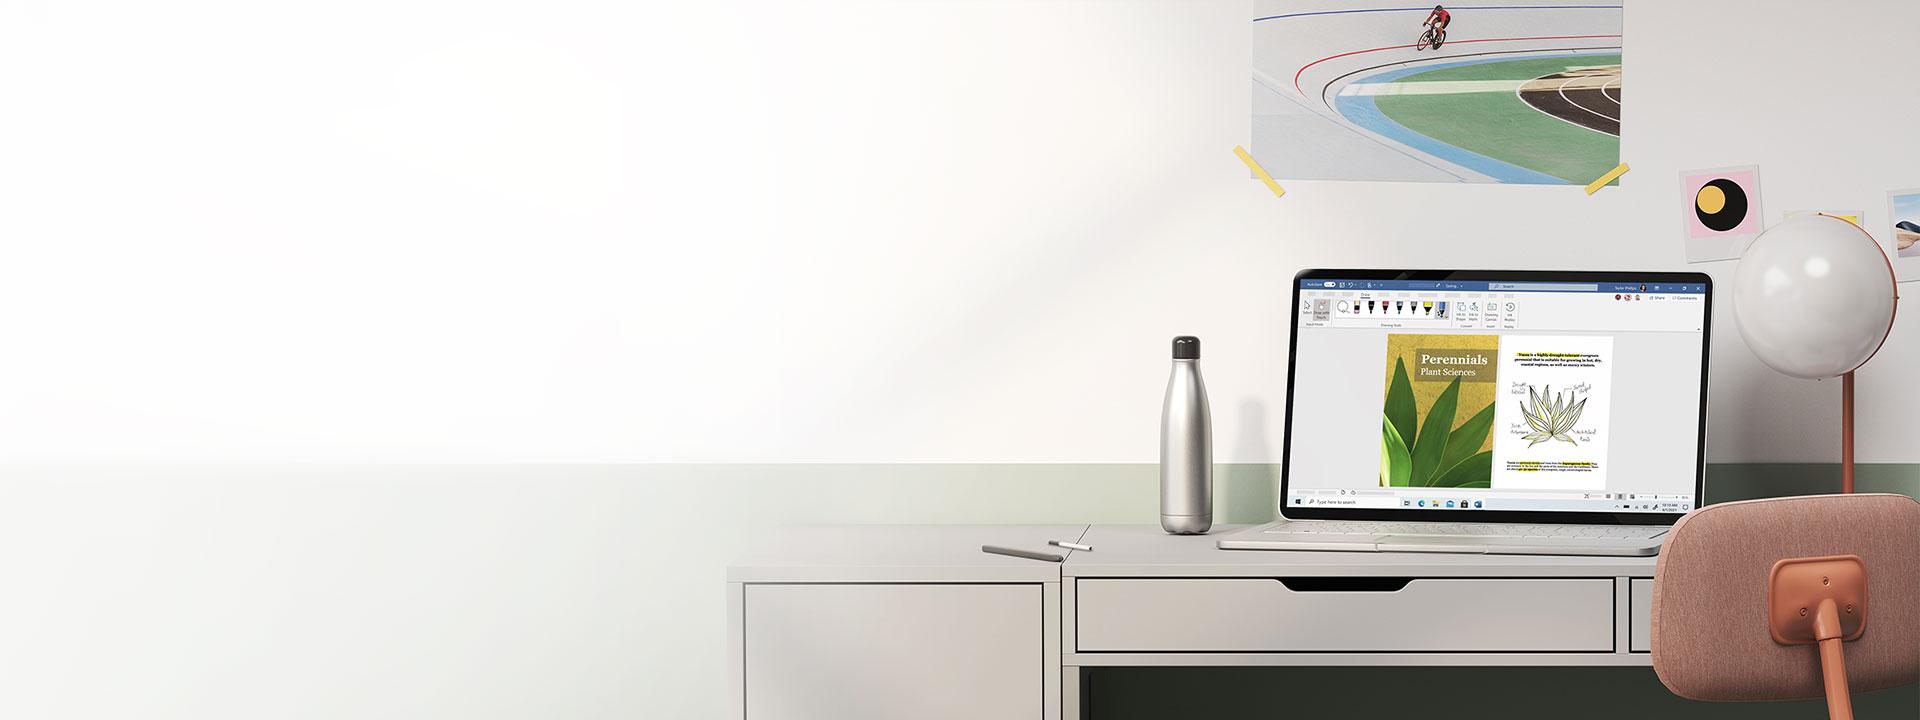 Bærbar PC med Windows10 plassert på et skrivebord